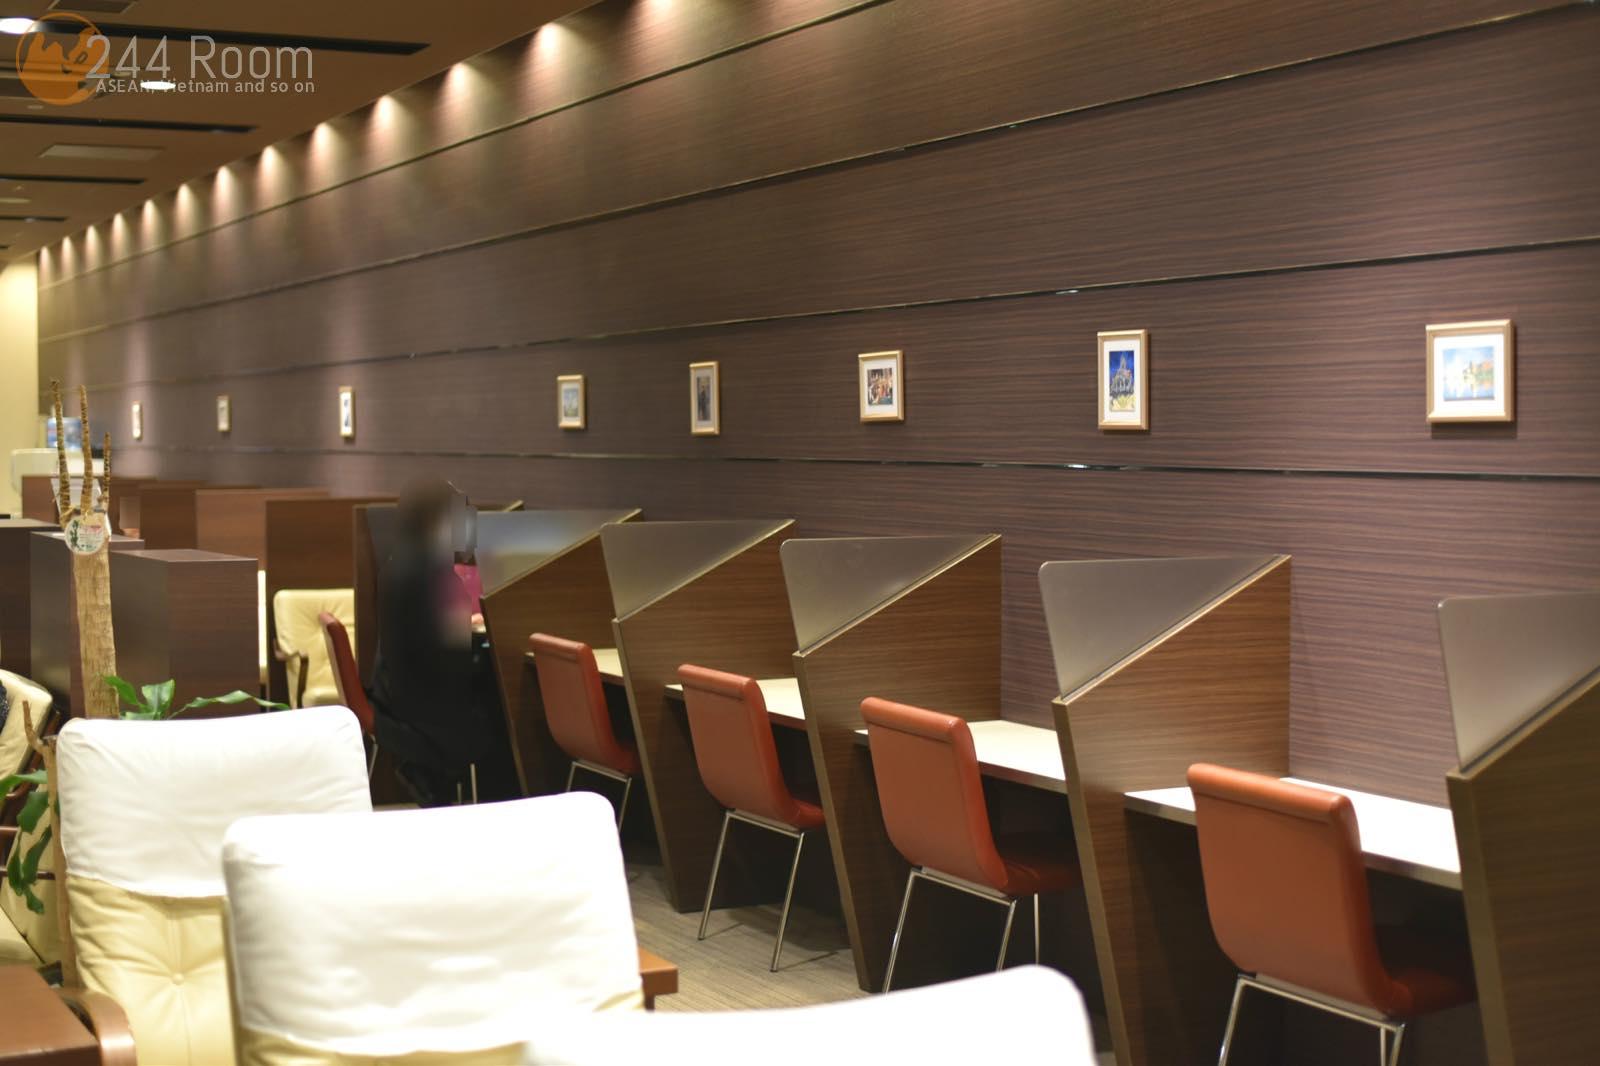 エアポートラウンジヴォルティス Airport-Lounge-VORTIS2